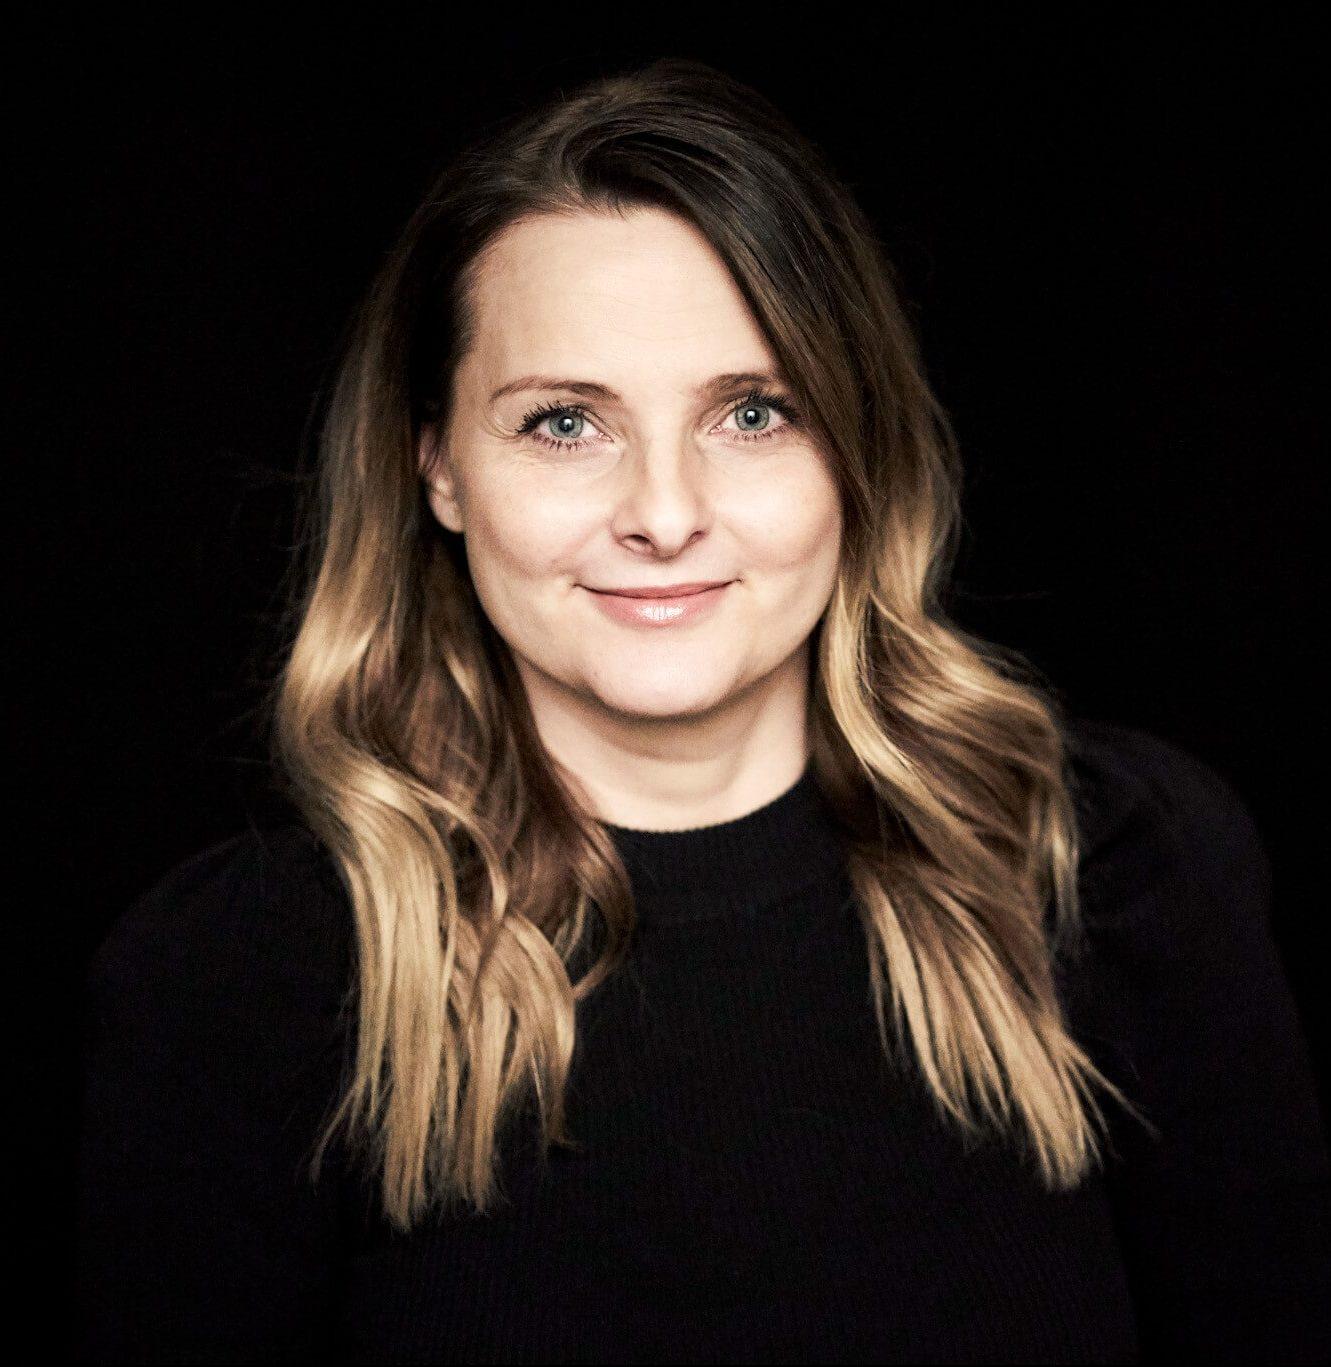 MarianneArvedsen.SalesManagerALIVE.Eventburau